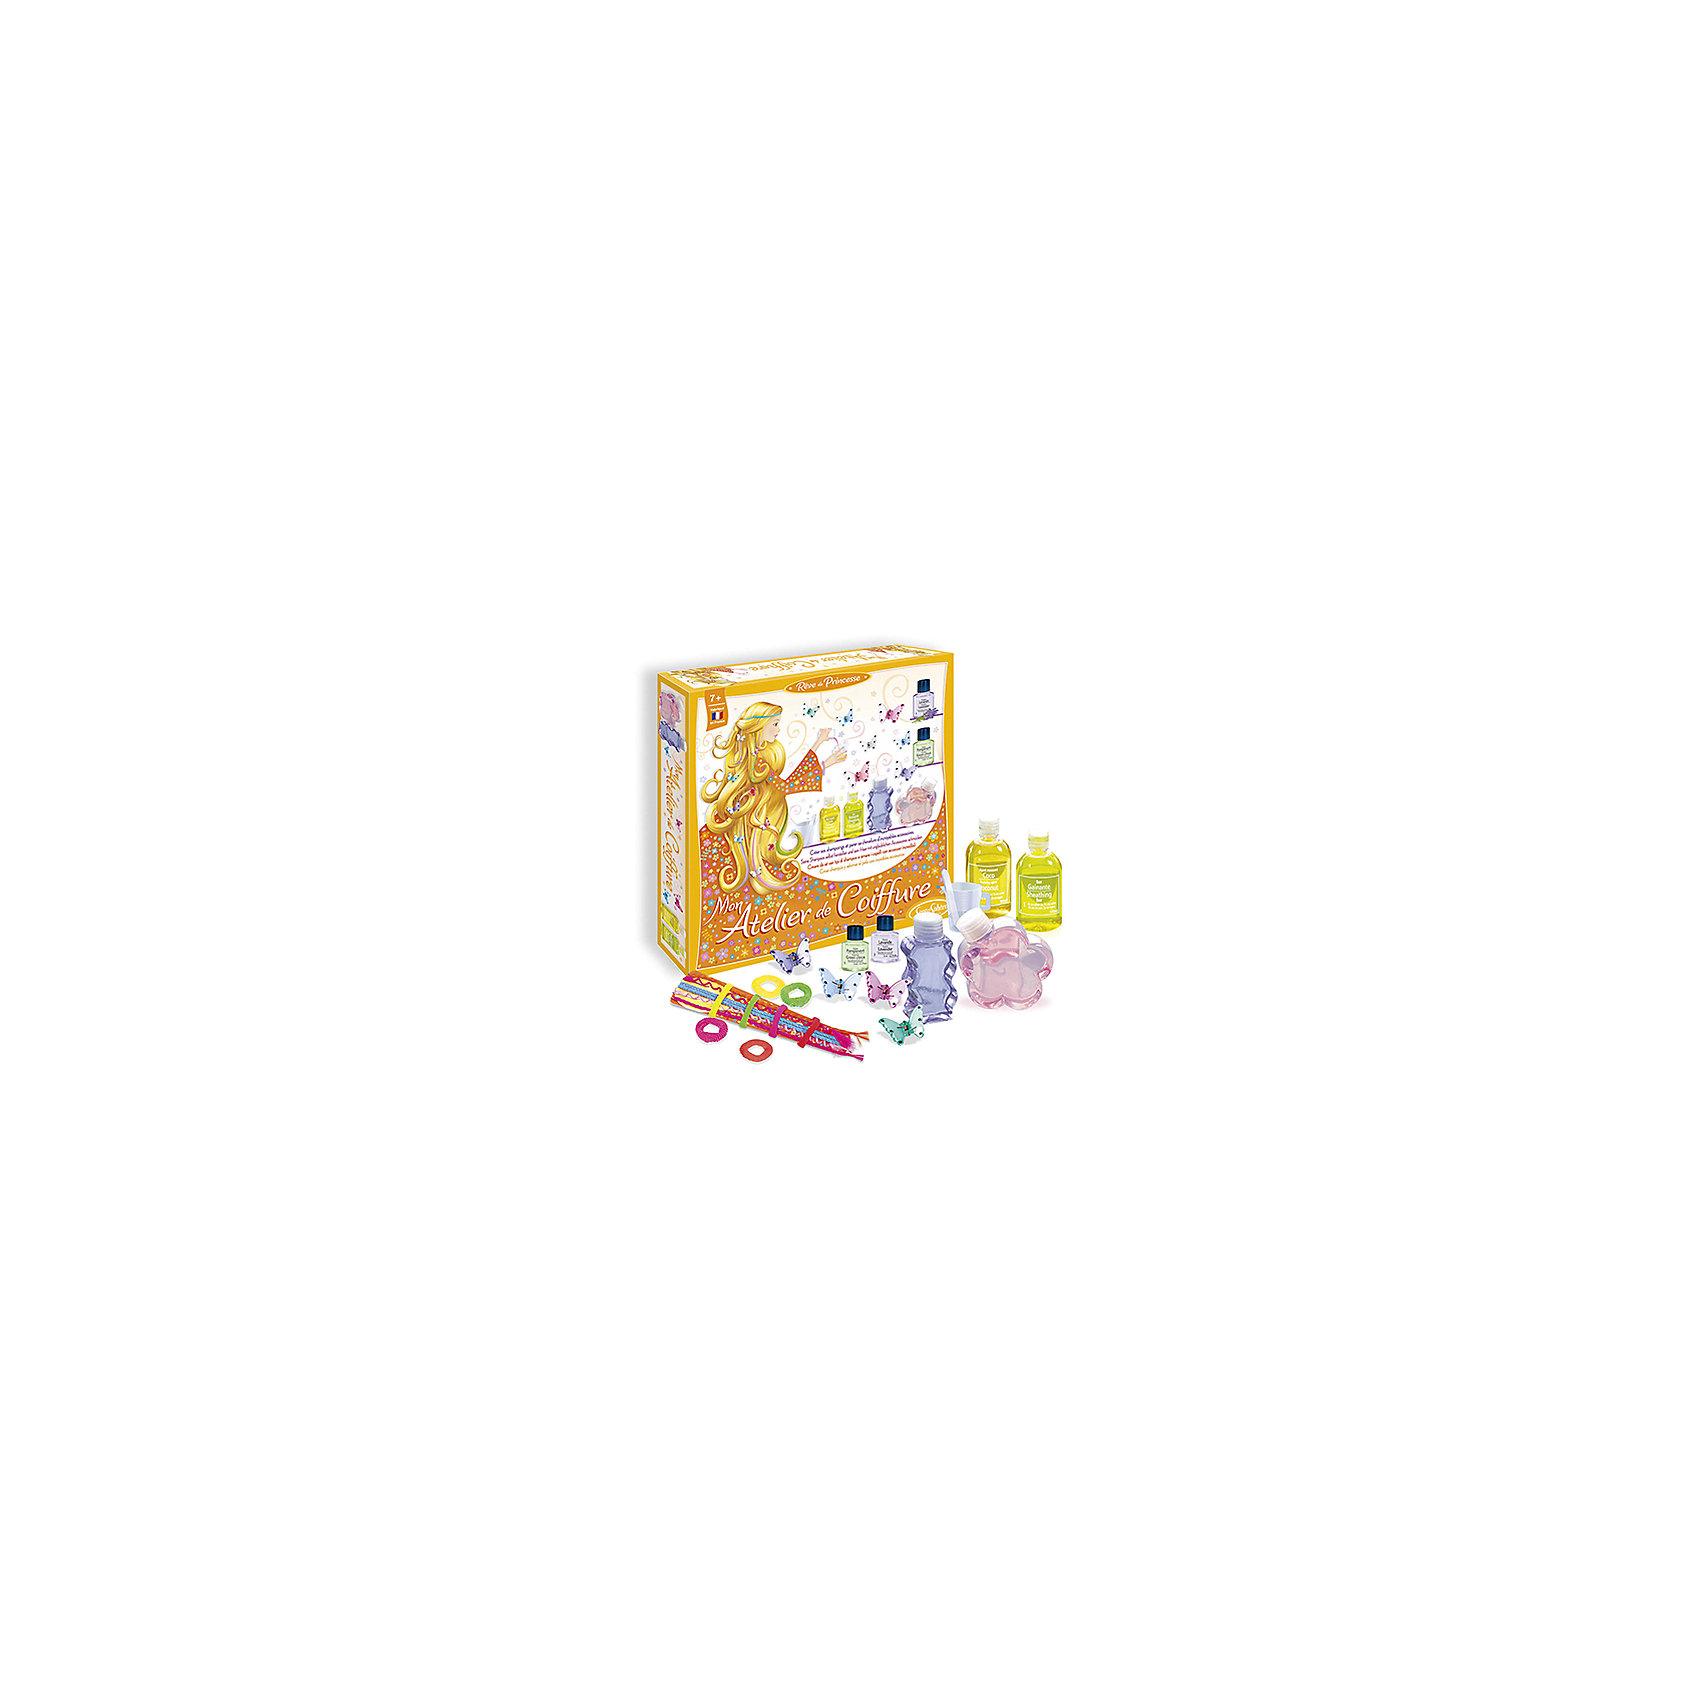 SentoSphere Набор для детского творчества Салон красоты набор для детского творчества набор веселая кондитерская 1 кг